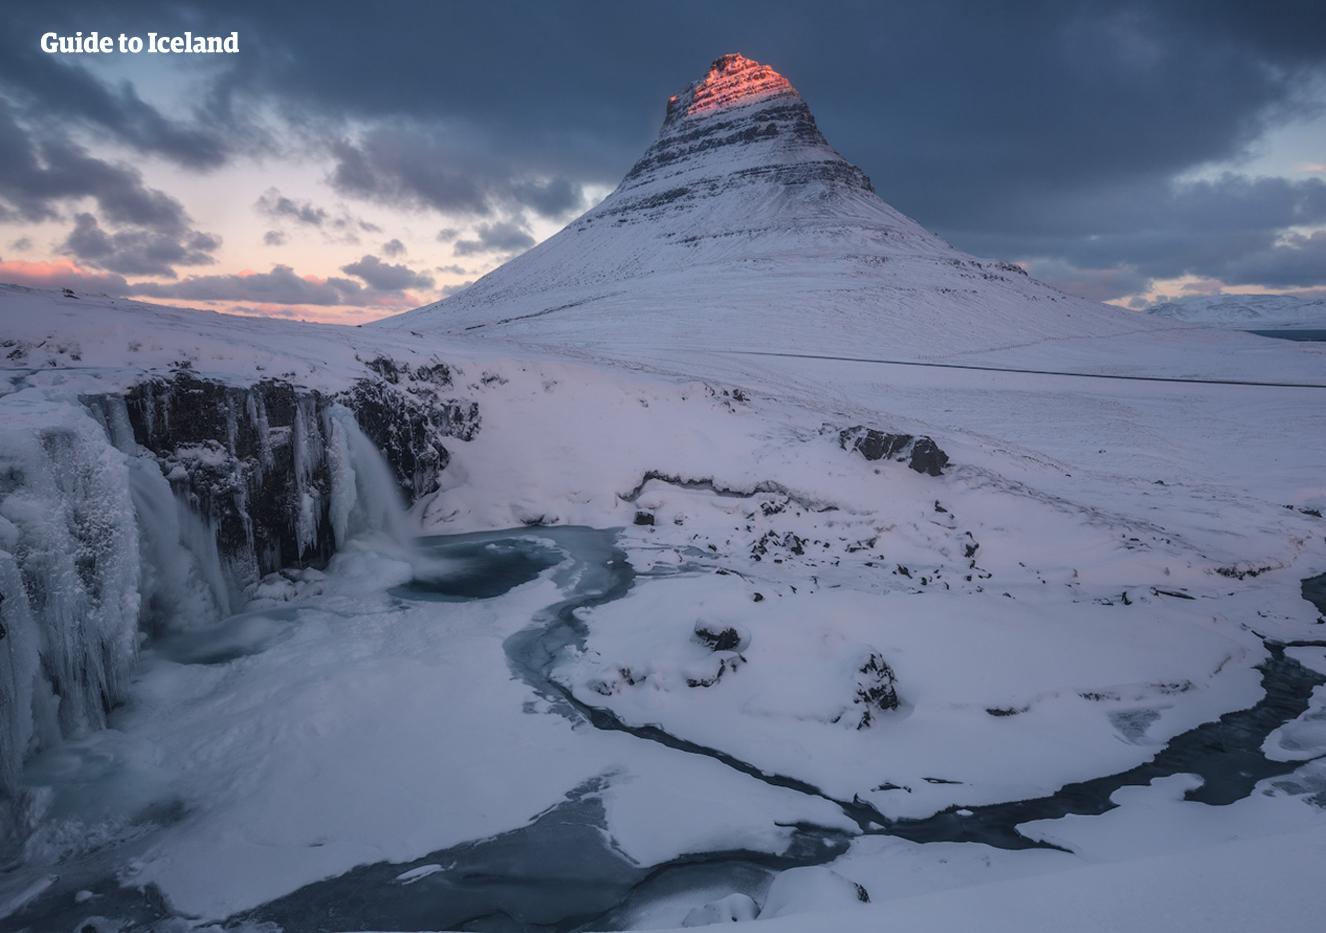 Op het schiereiland Snæfellsnes in IJsland ligt de berg Kirkjufell, die hier in de winter is gefotografeerd.